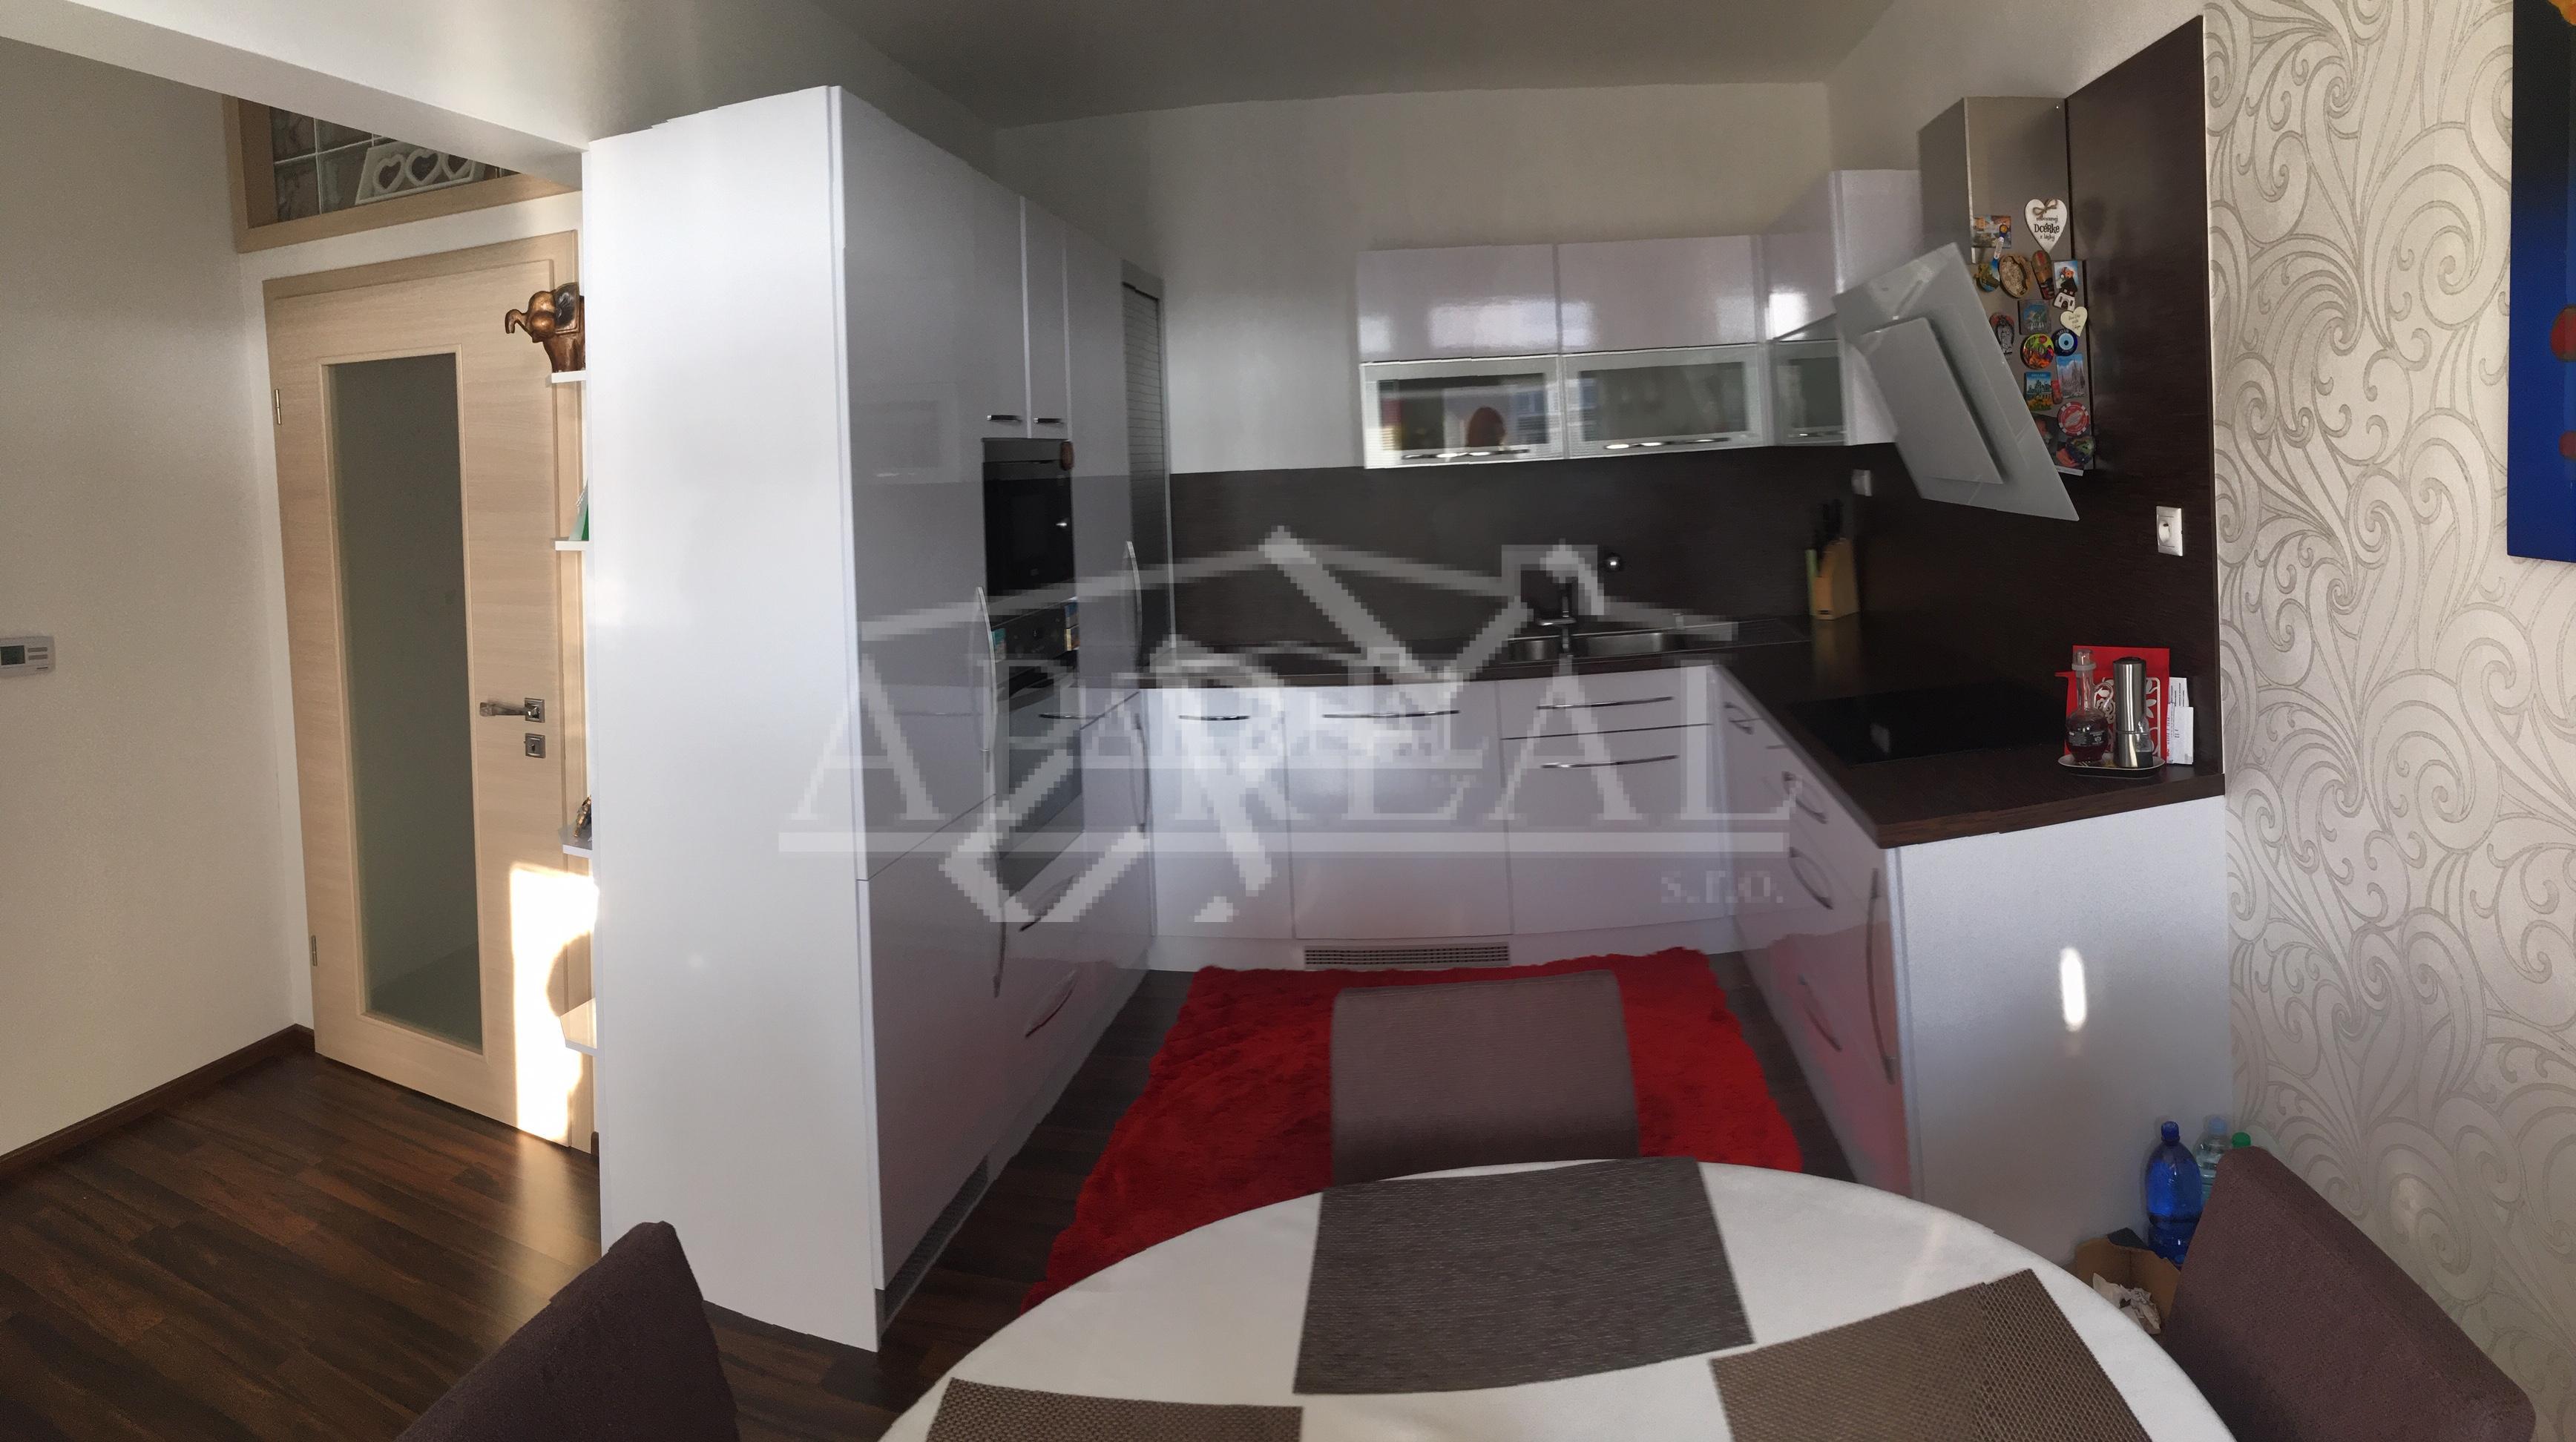 Krásny veľký 4-izbový byt so zariadením 108 m2 s dvomi státiami v zelenej lokalite Lamača